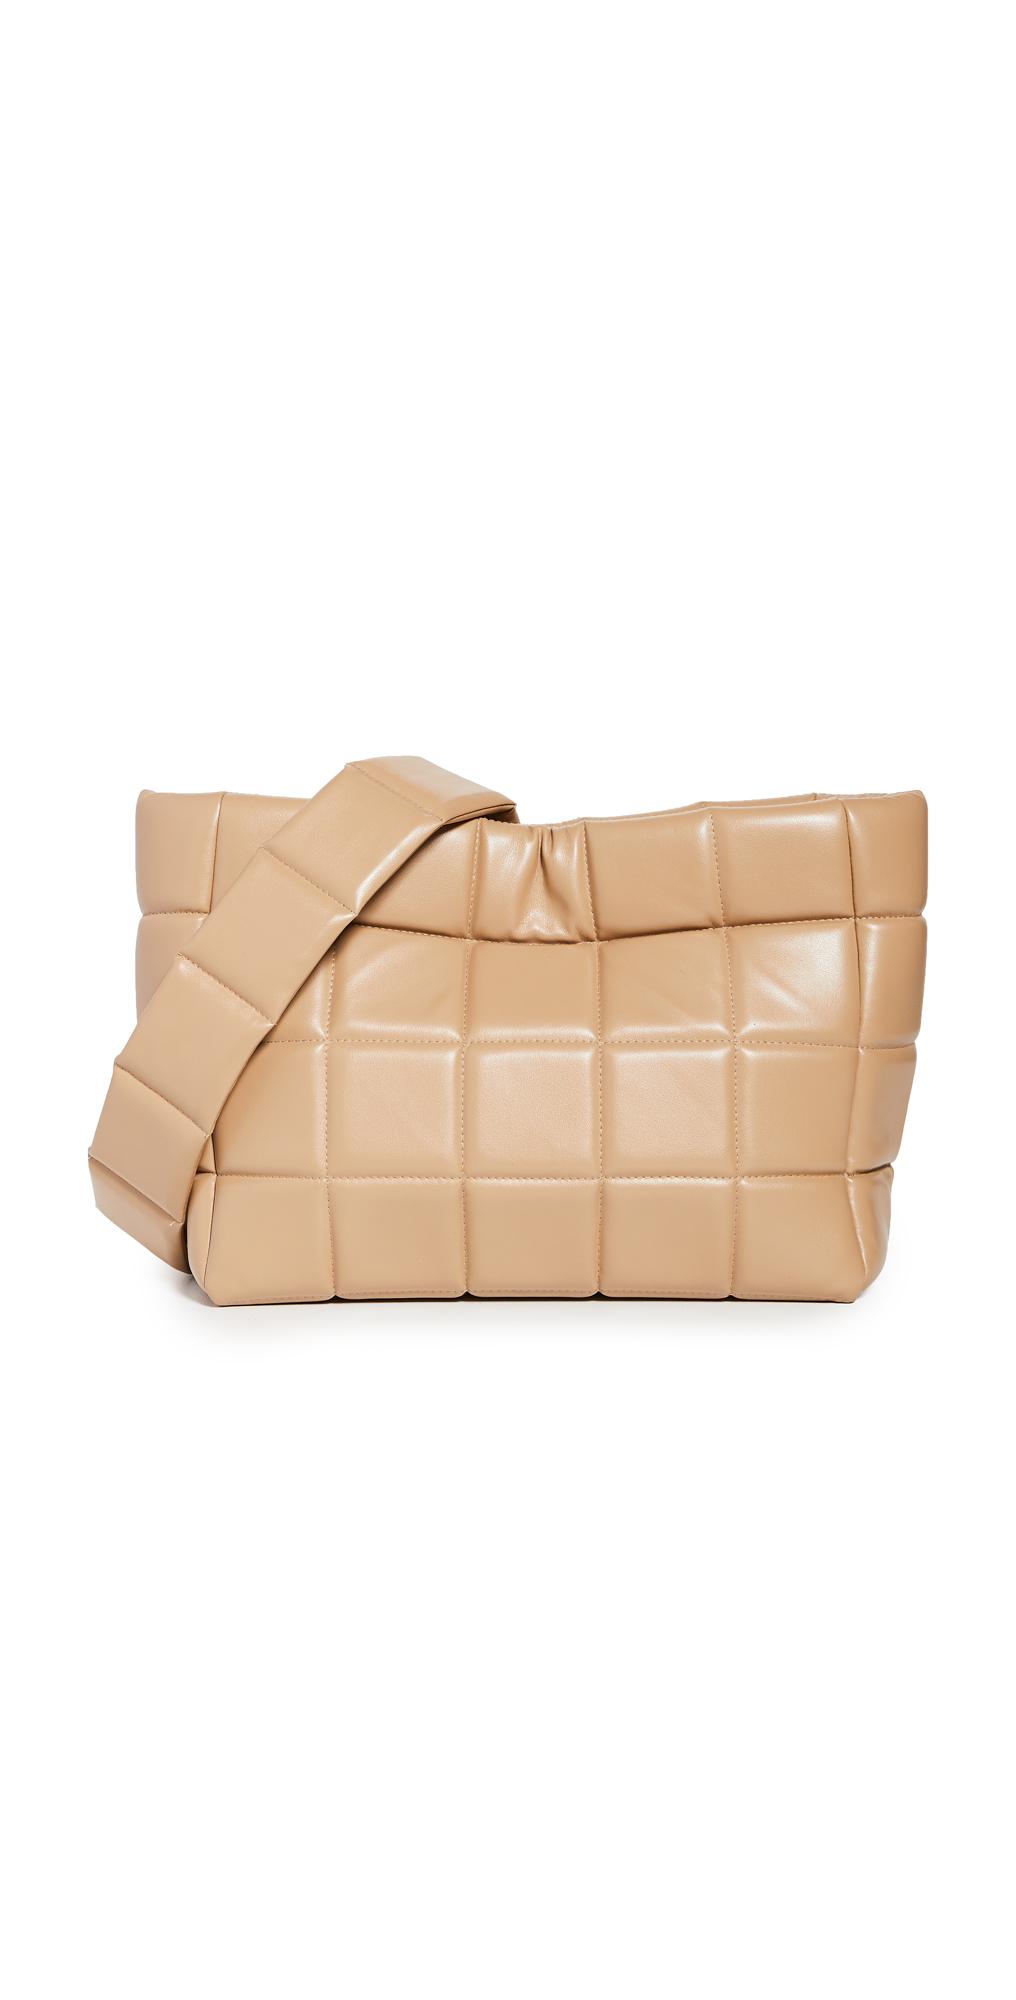 A.W.A.K.E MODE Horizontal Padded Bag